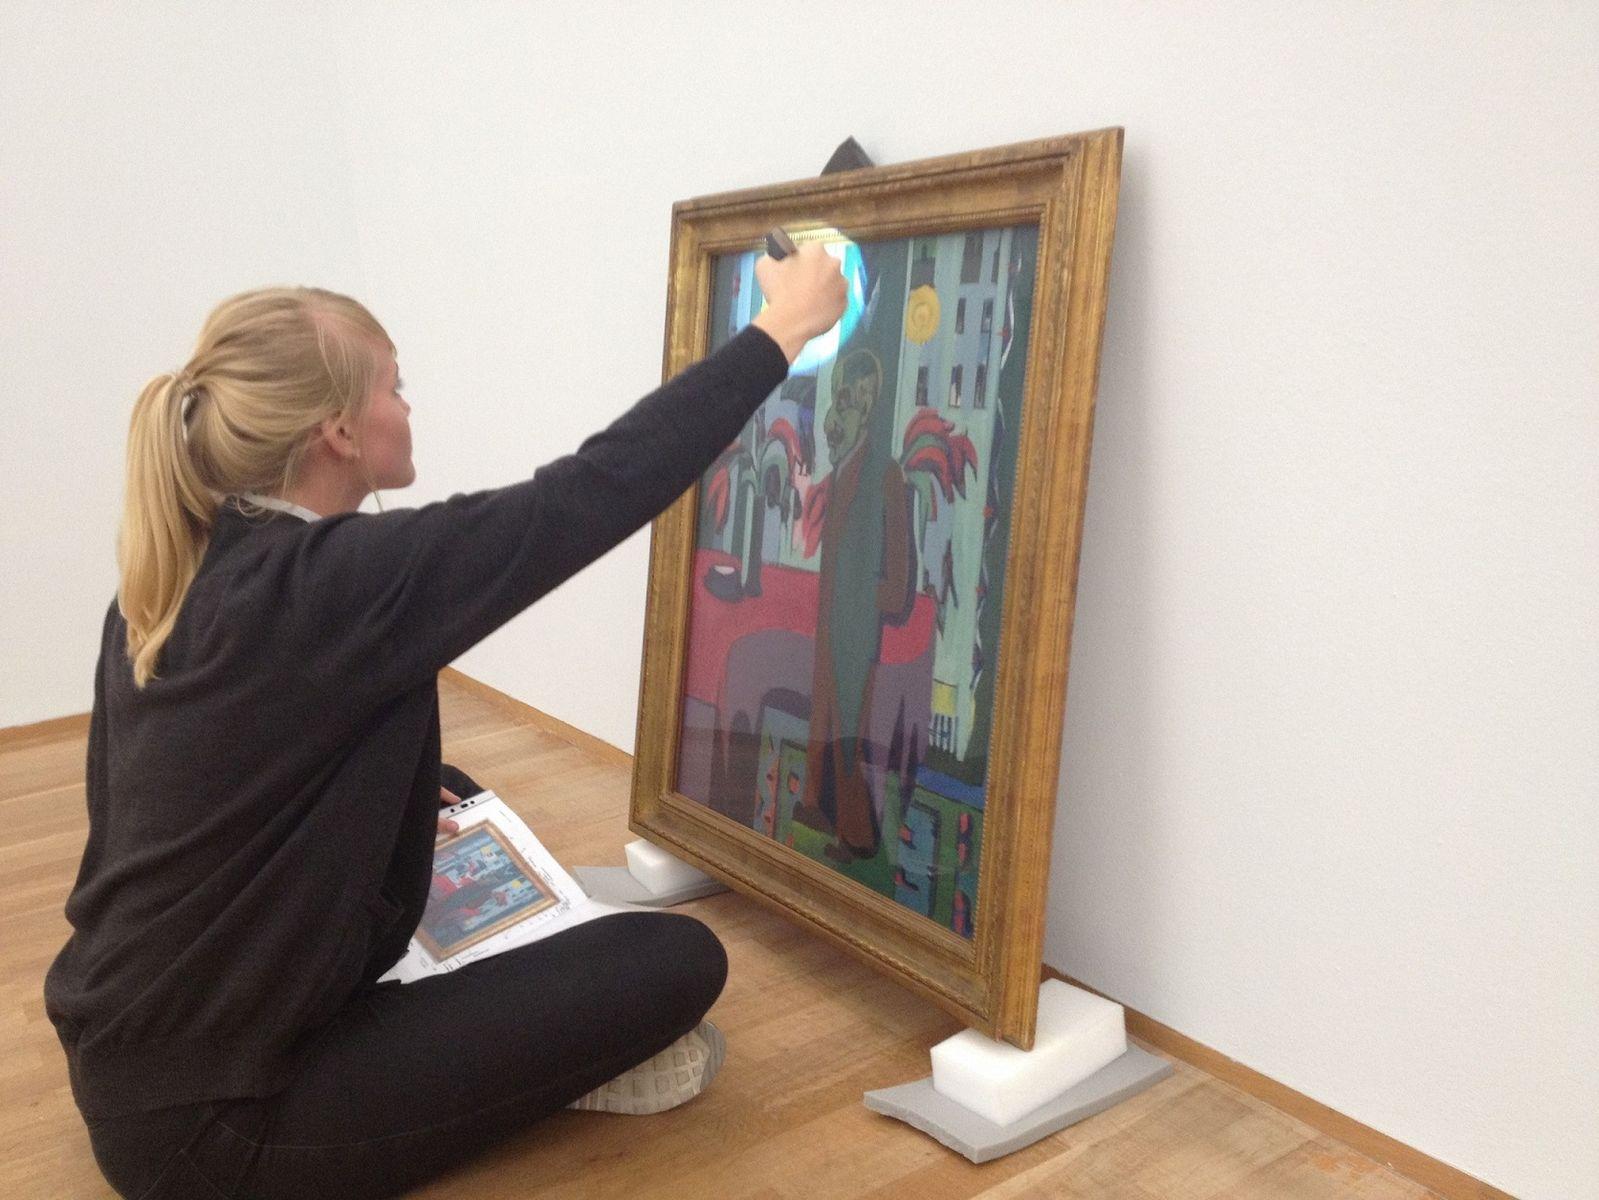 Praktikantin Theresa Weidt bei der Arbeit. Foto: Marie Förster, Nationalgalerie